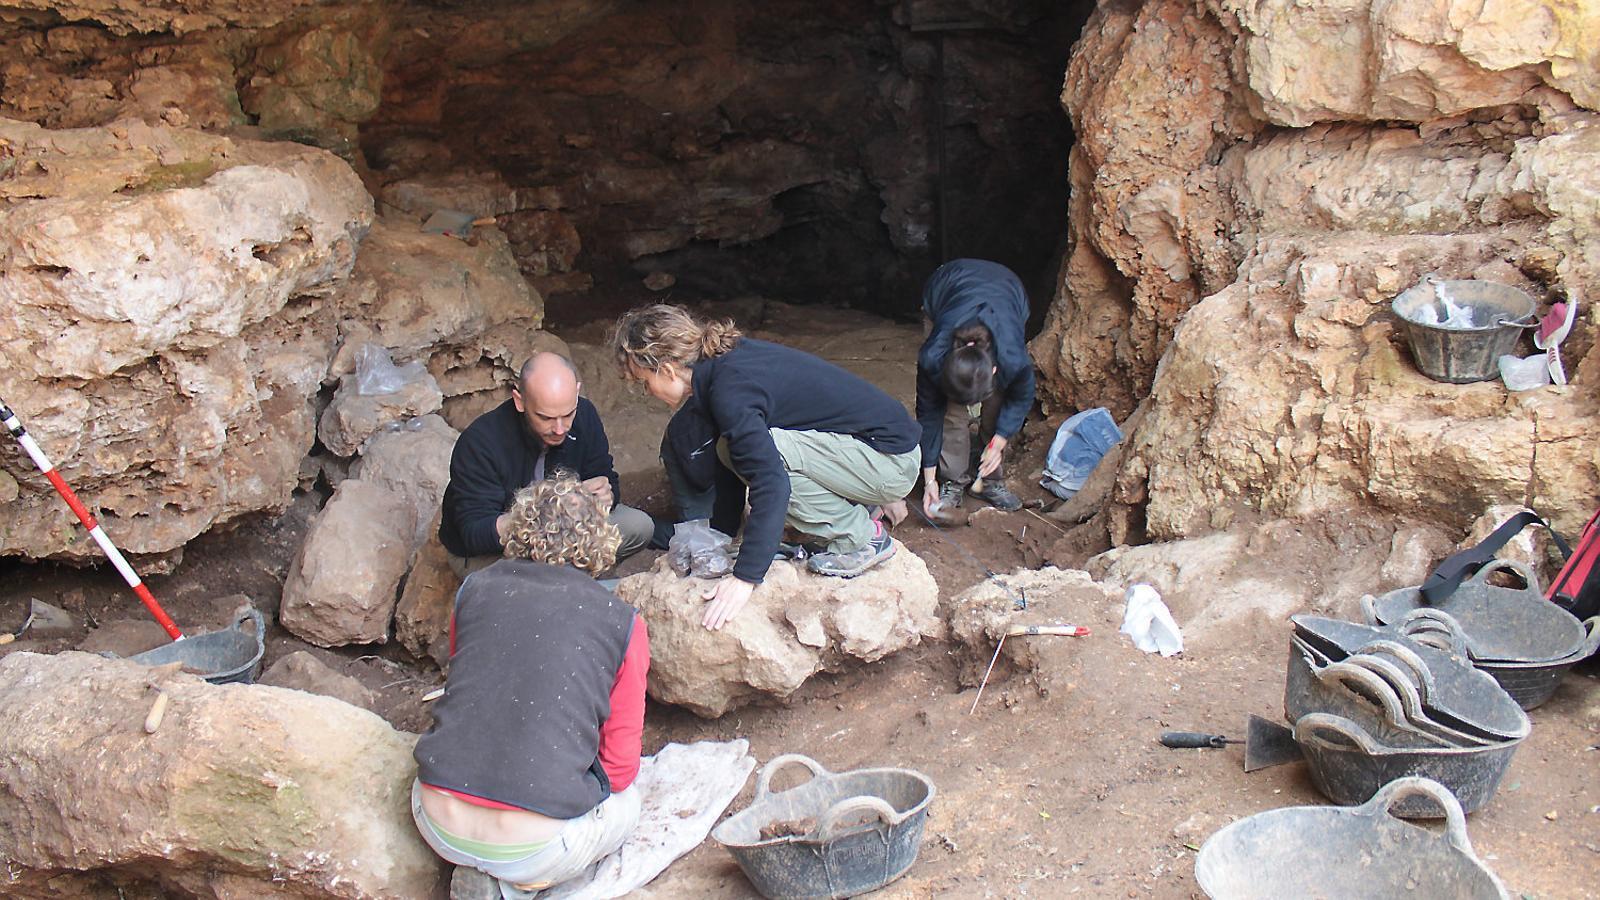 """L'equip d'arqueologia ha topat amb troballes """"sorprenents"""" a la cova, com quilos de cereal i mandíbules d'animal."""